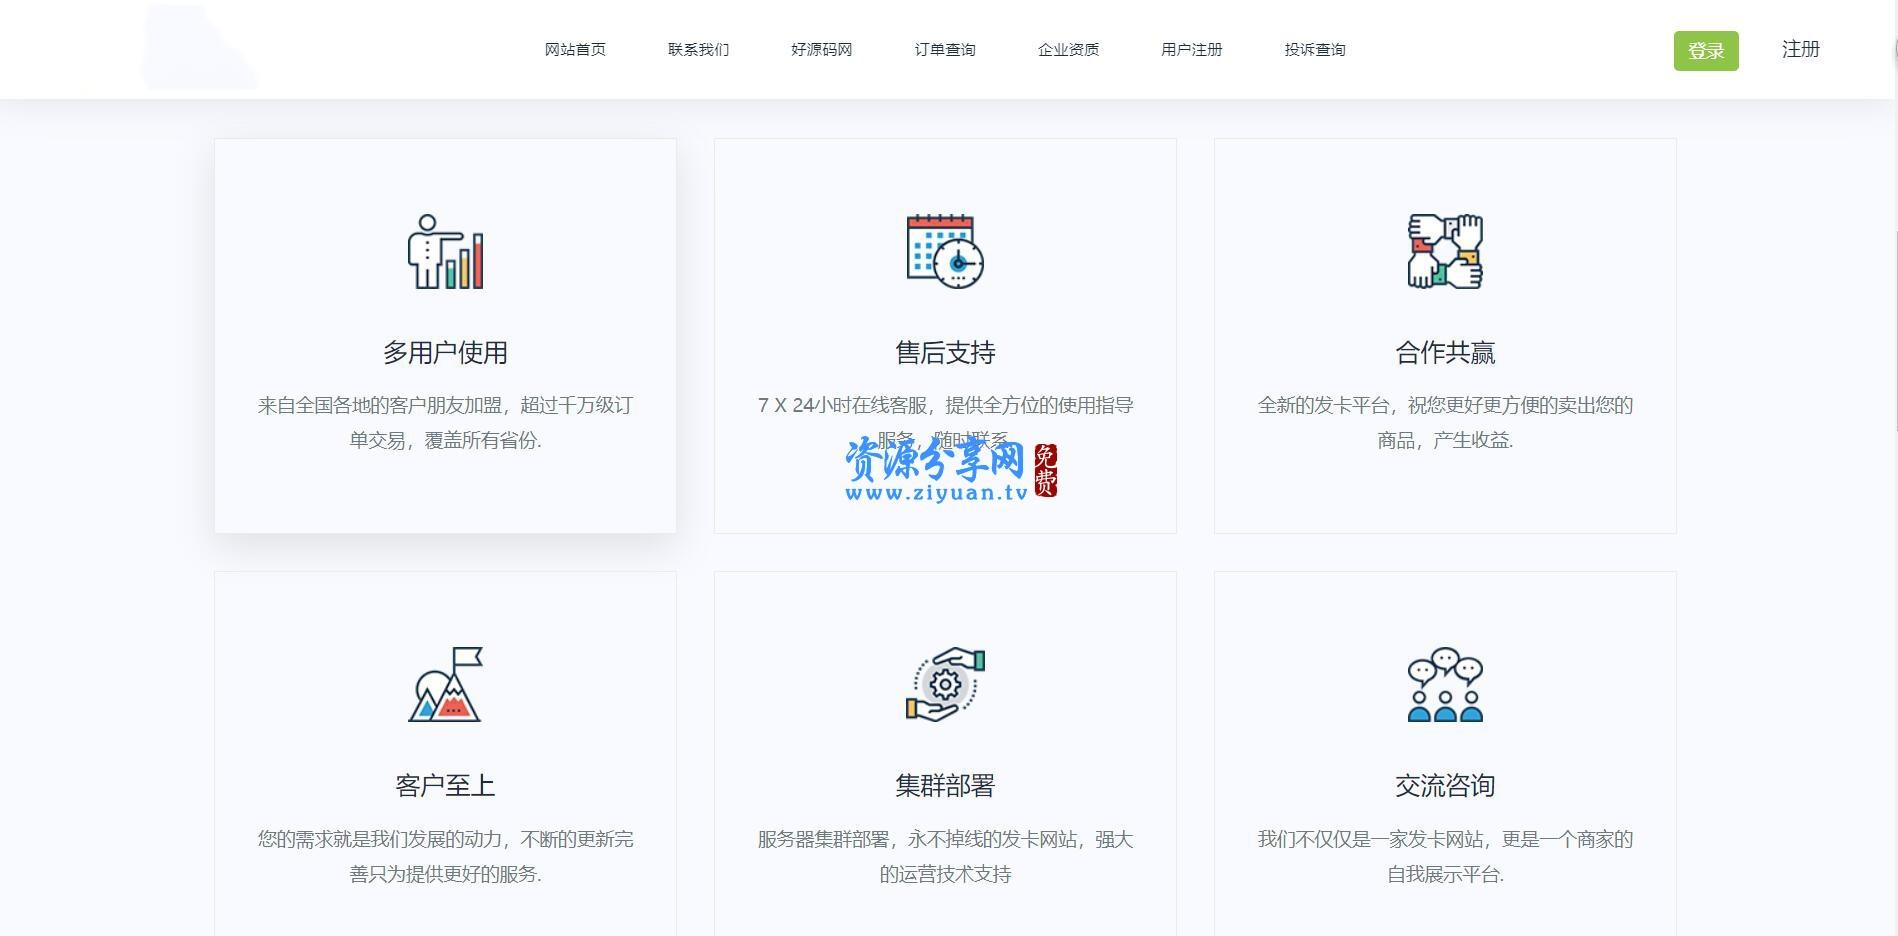 全新多商户版 PHP 自助发卡平台源码 多模板 自适应手机端